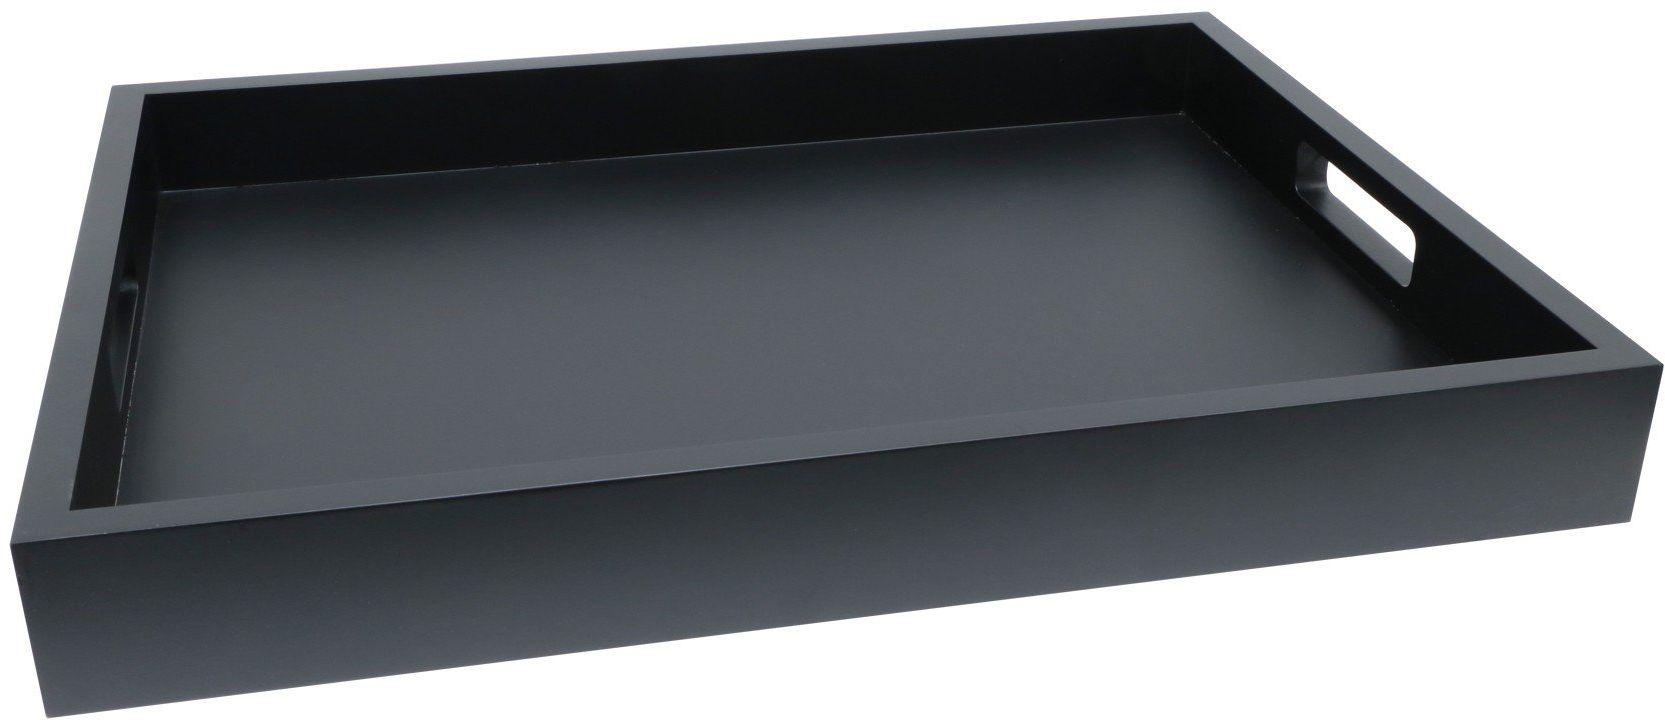 Deknudt Prezenty i gadżety, drewno, czarny, 42,5 x 32,5 x 5 cm